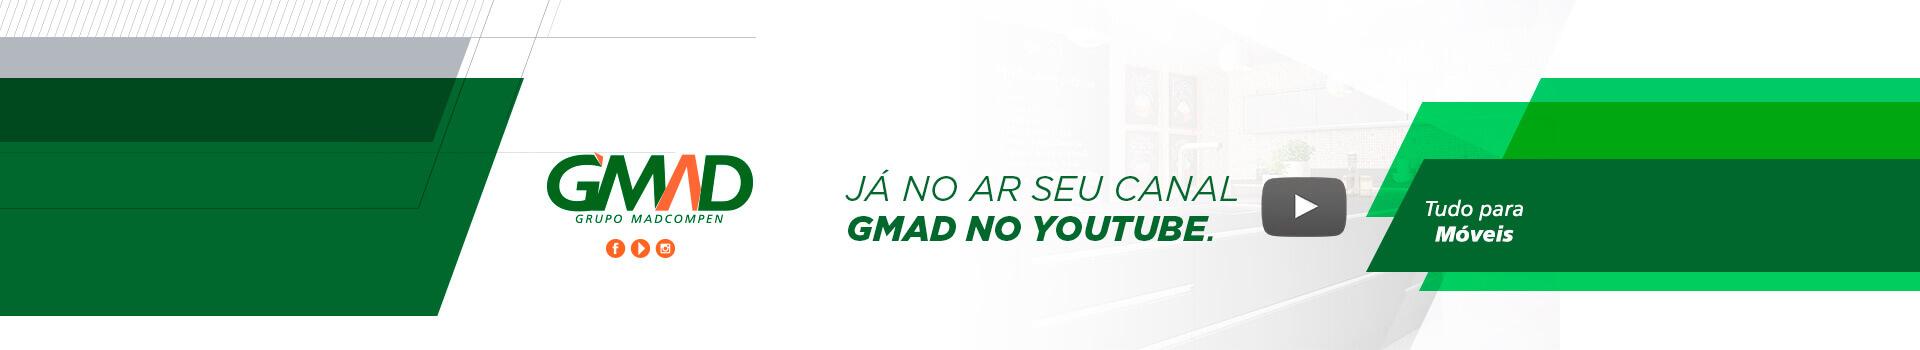 Produtos Gmad